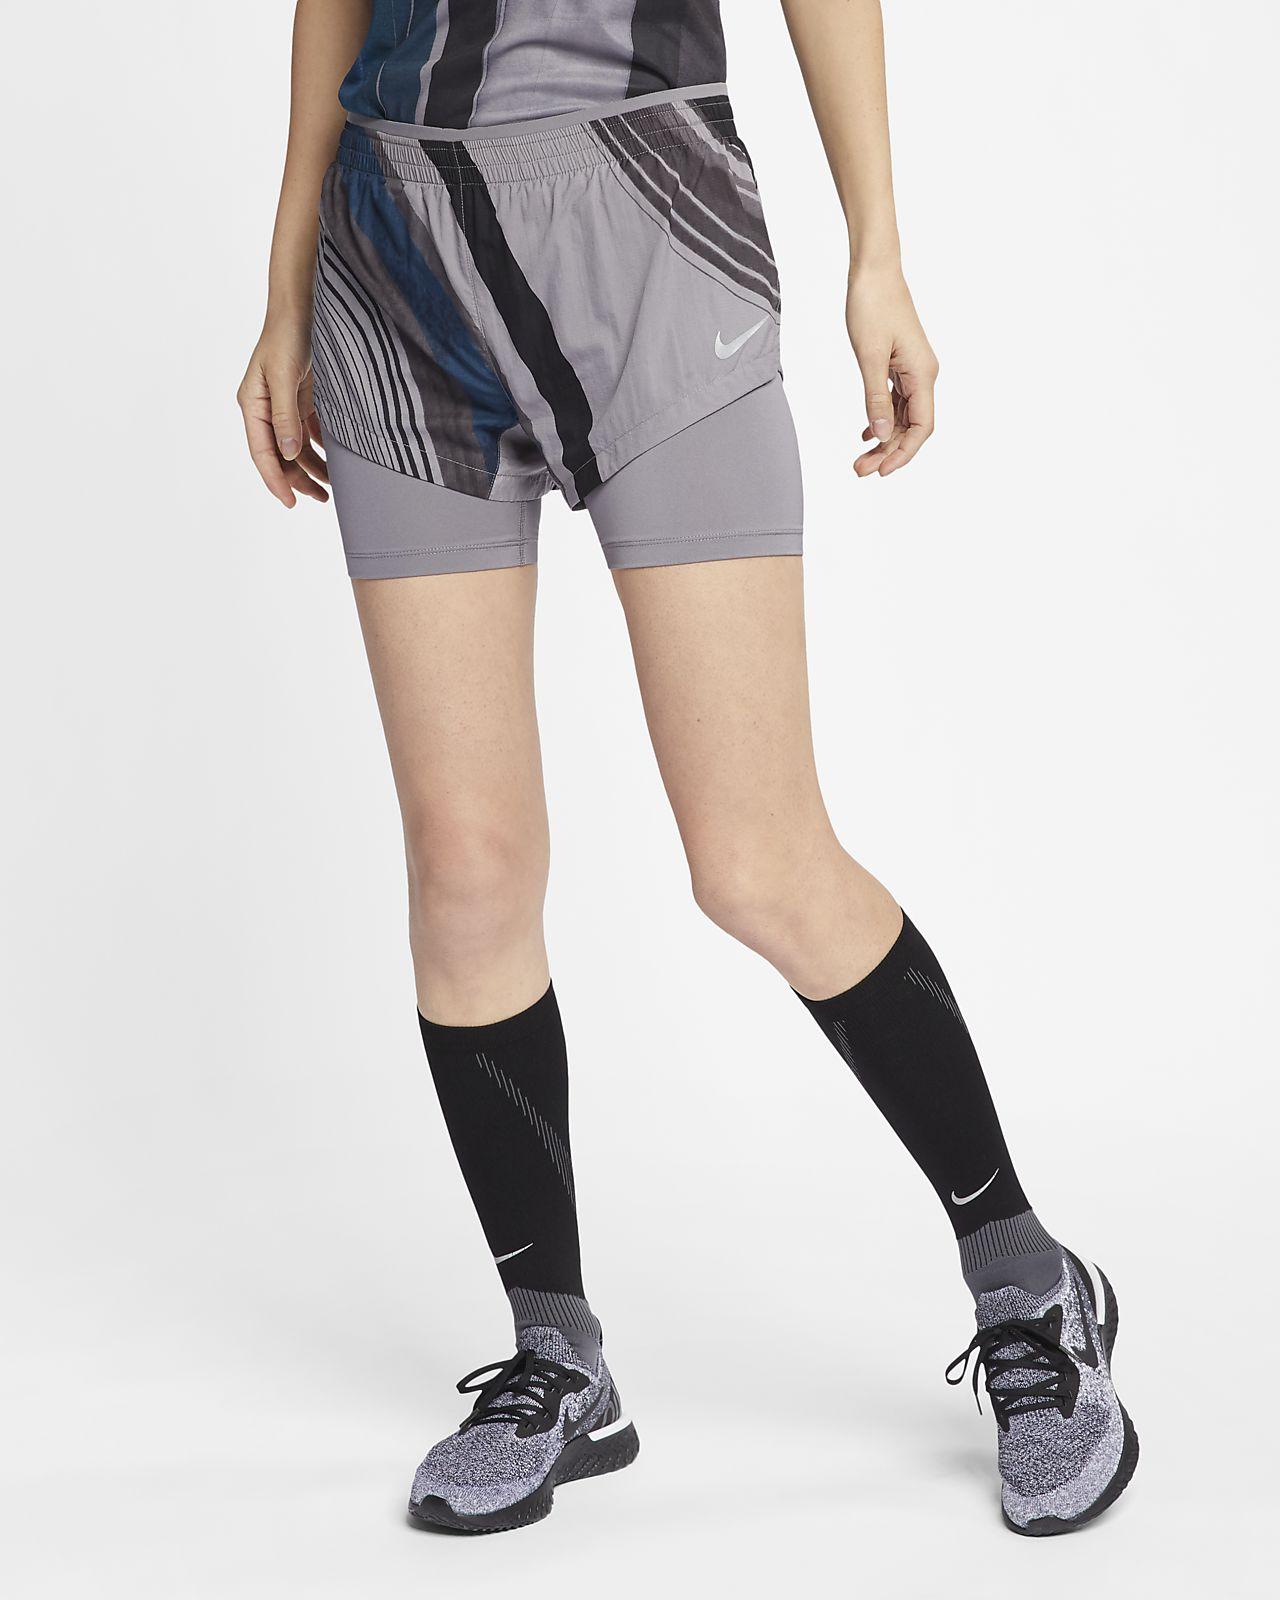 Женские беговые шорты 2 в 1 Nike